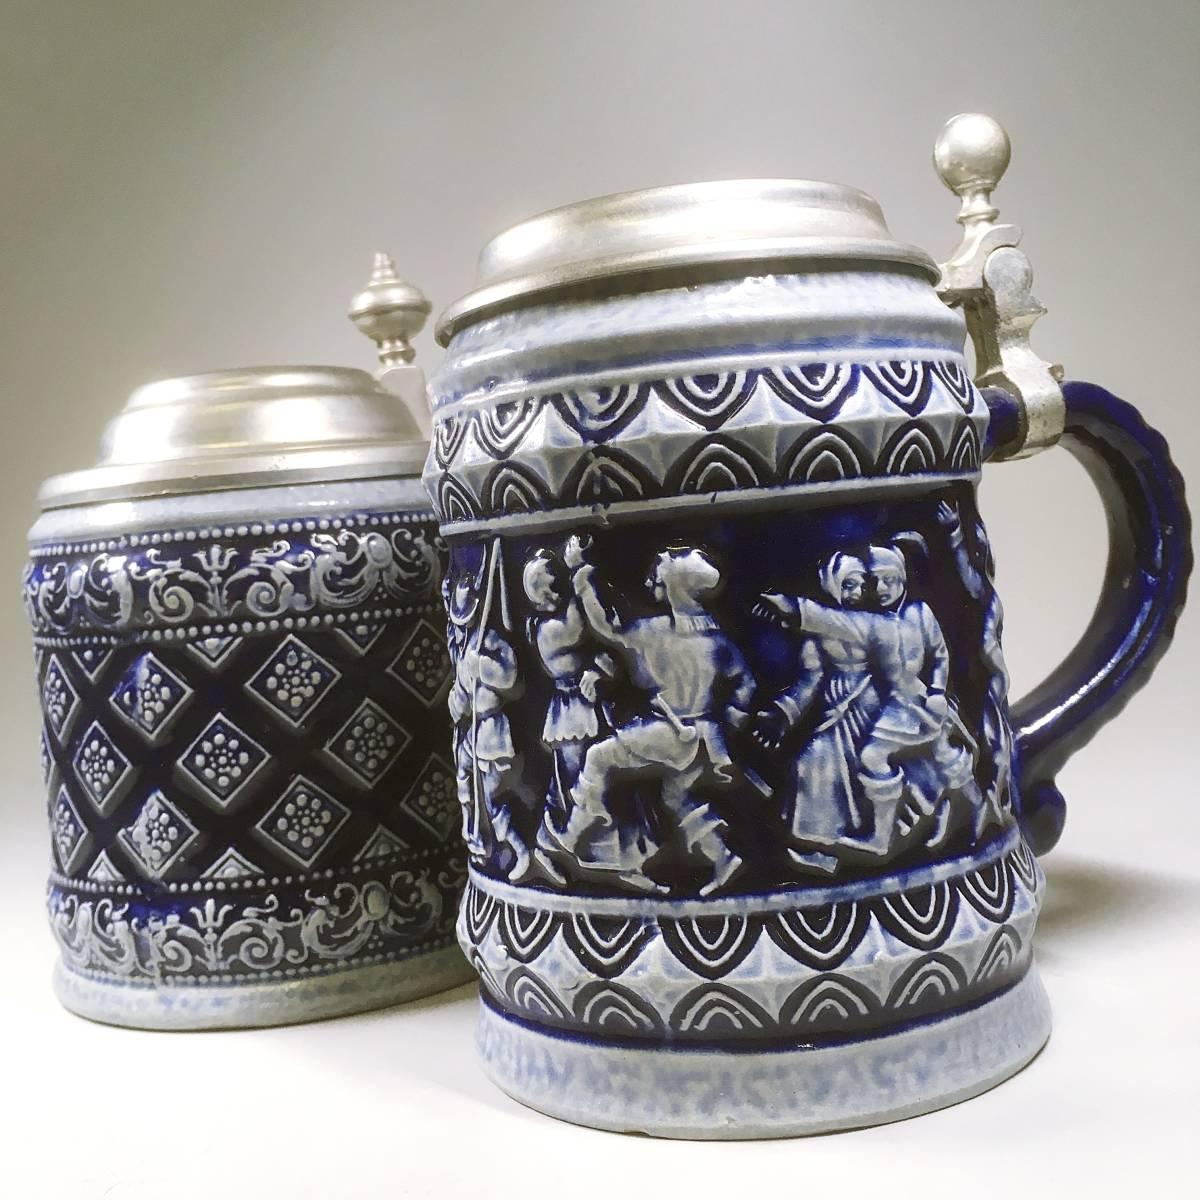 西ドイツ ビールジョッキ ビアグラス 2個セット 彫刻 ドイツスタイル 陶器製 グラス 蓋付 酒器_画像3